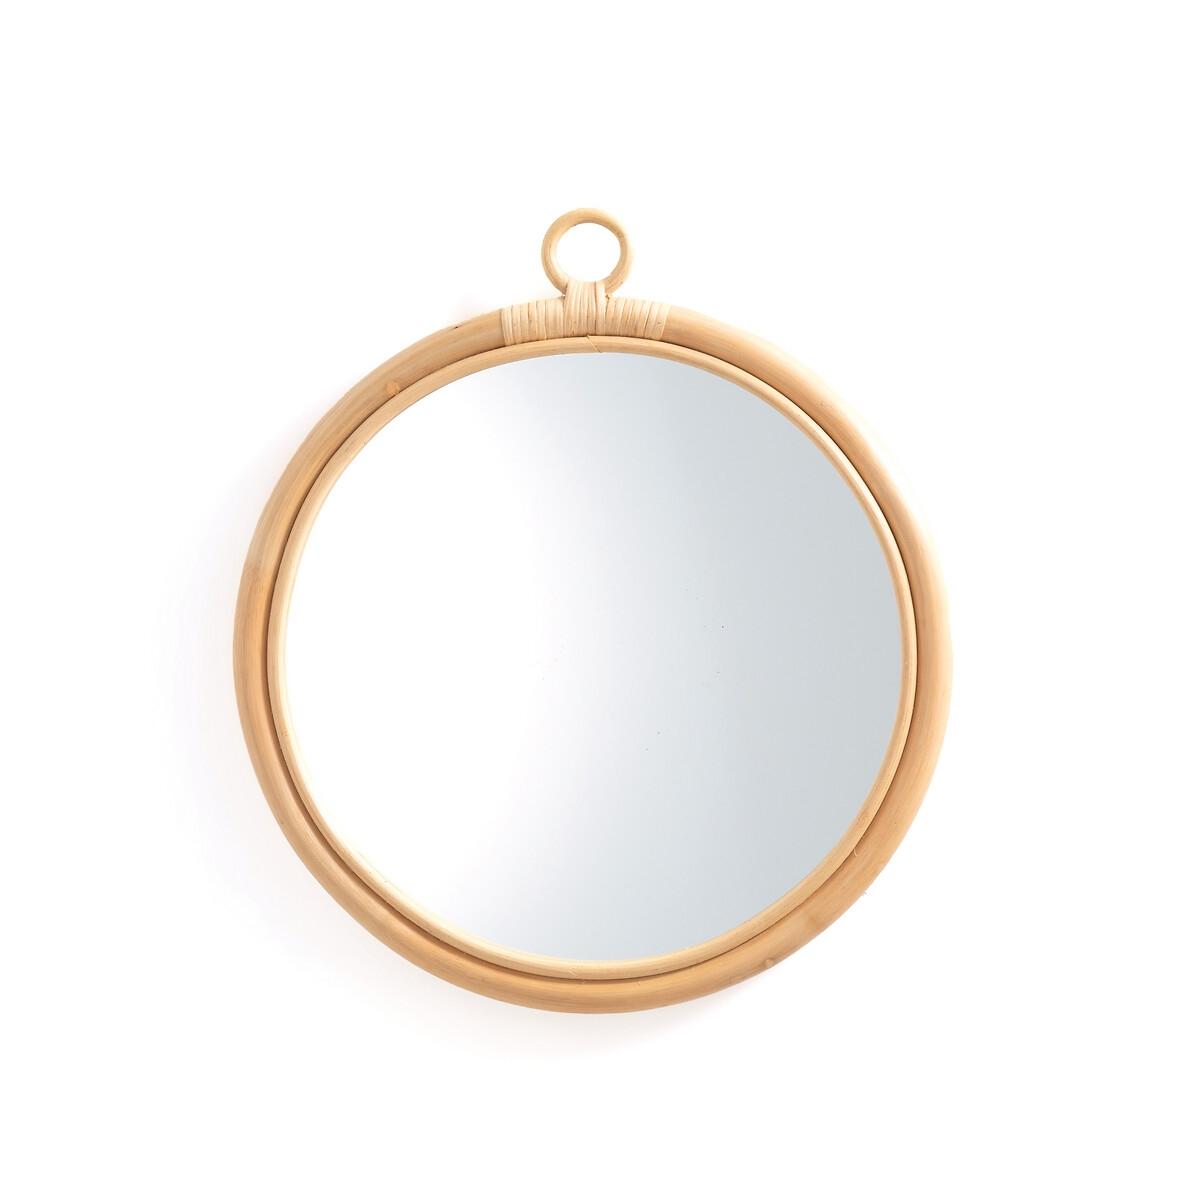 Зеркало LaRedoute Круглое из ротанга 45 см Nogu единый размер бежевый